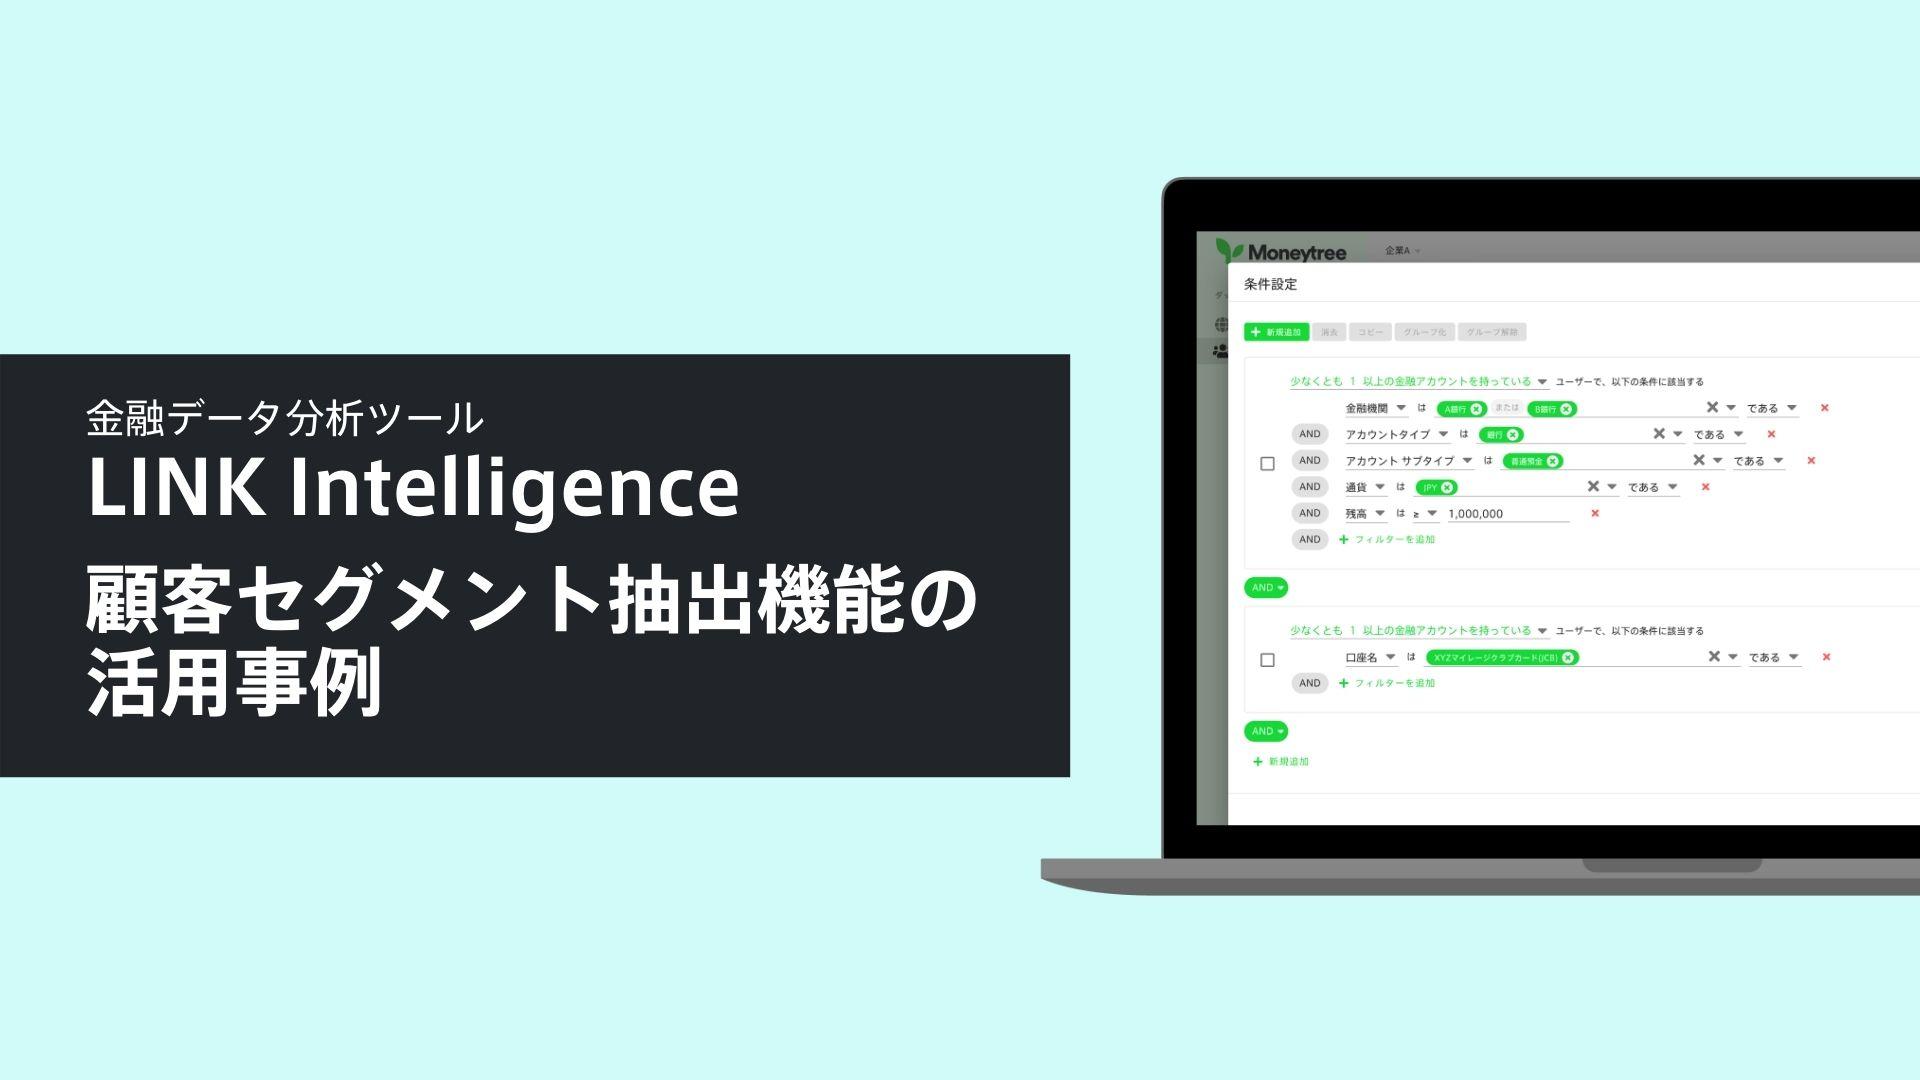 金融データ分析ツール、「LINK Intelligence」の特定顧客セグメント抽出機能の活用事例